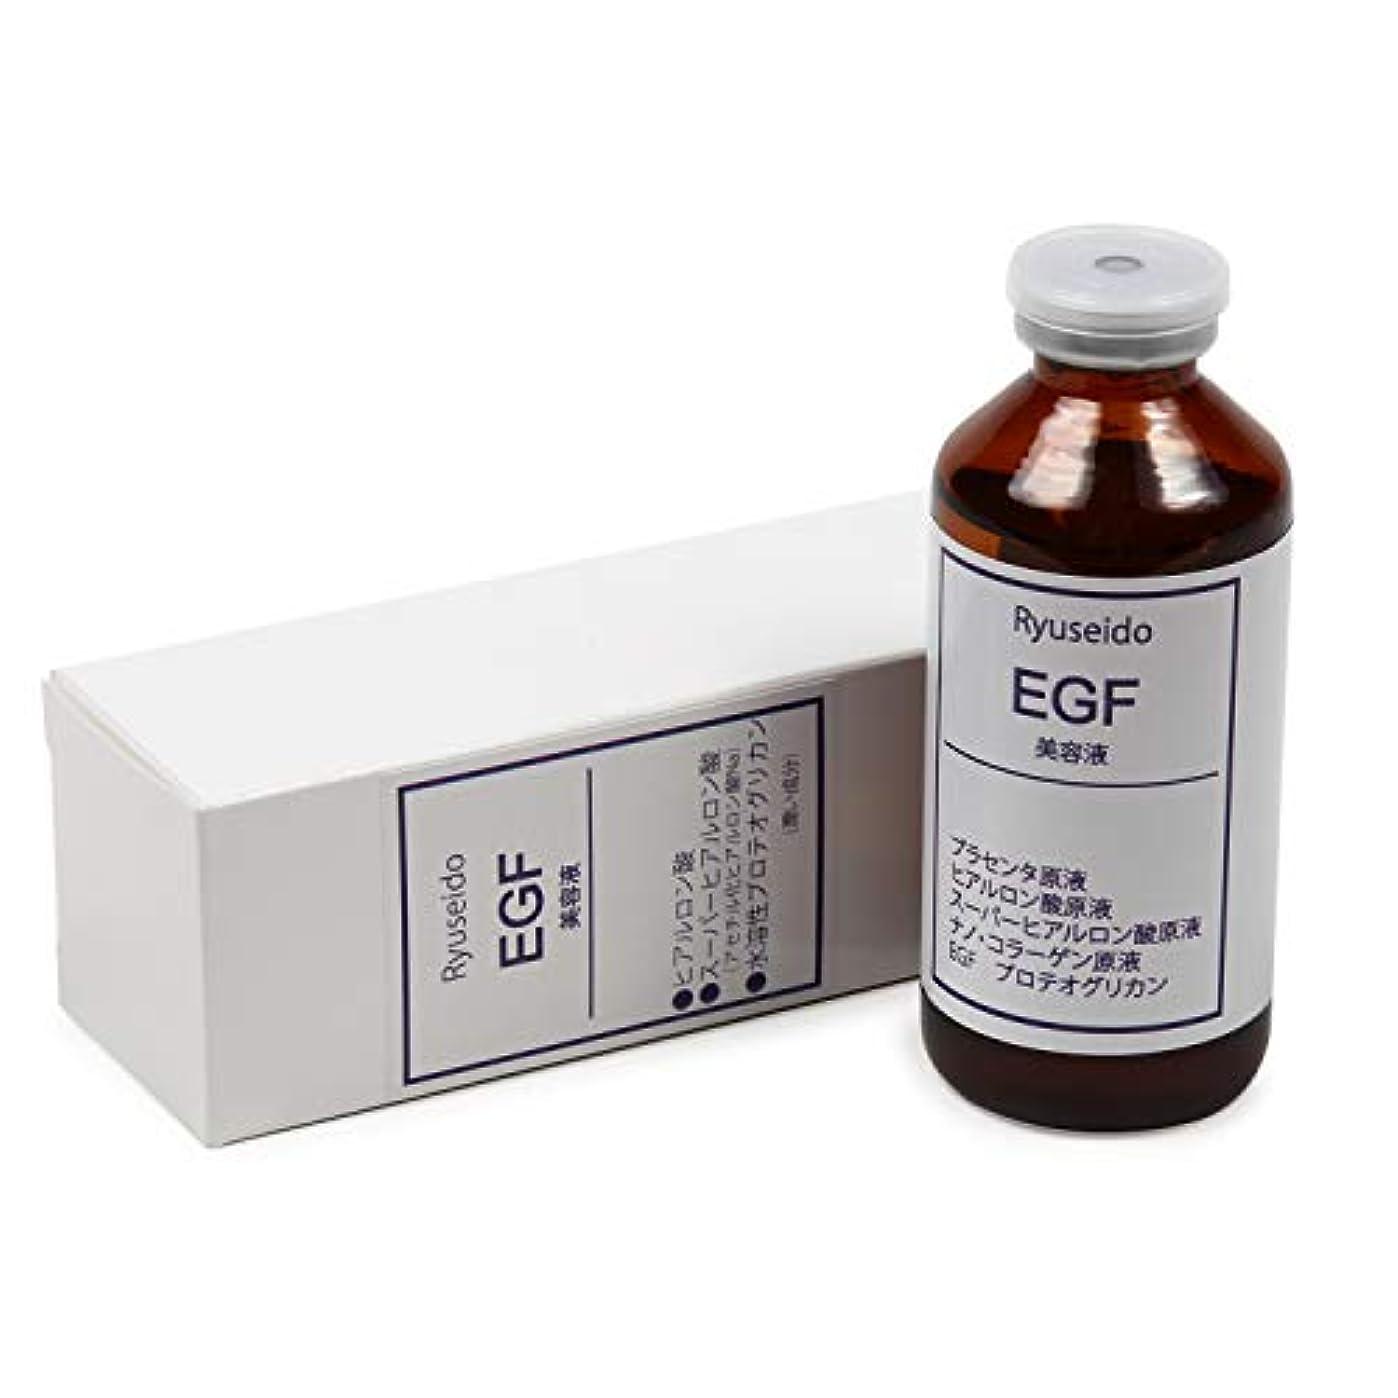 当社お別れ評議会10倍濃度EGFをプラセンタ?ナノコラーゲン?ヒアルロン酸原液に配合。毛穴レスできめ細かなクリアな肌に??生コラーゲン配合でキメ密度がさらにアップ。